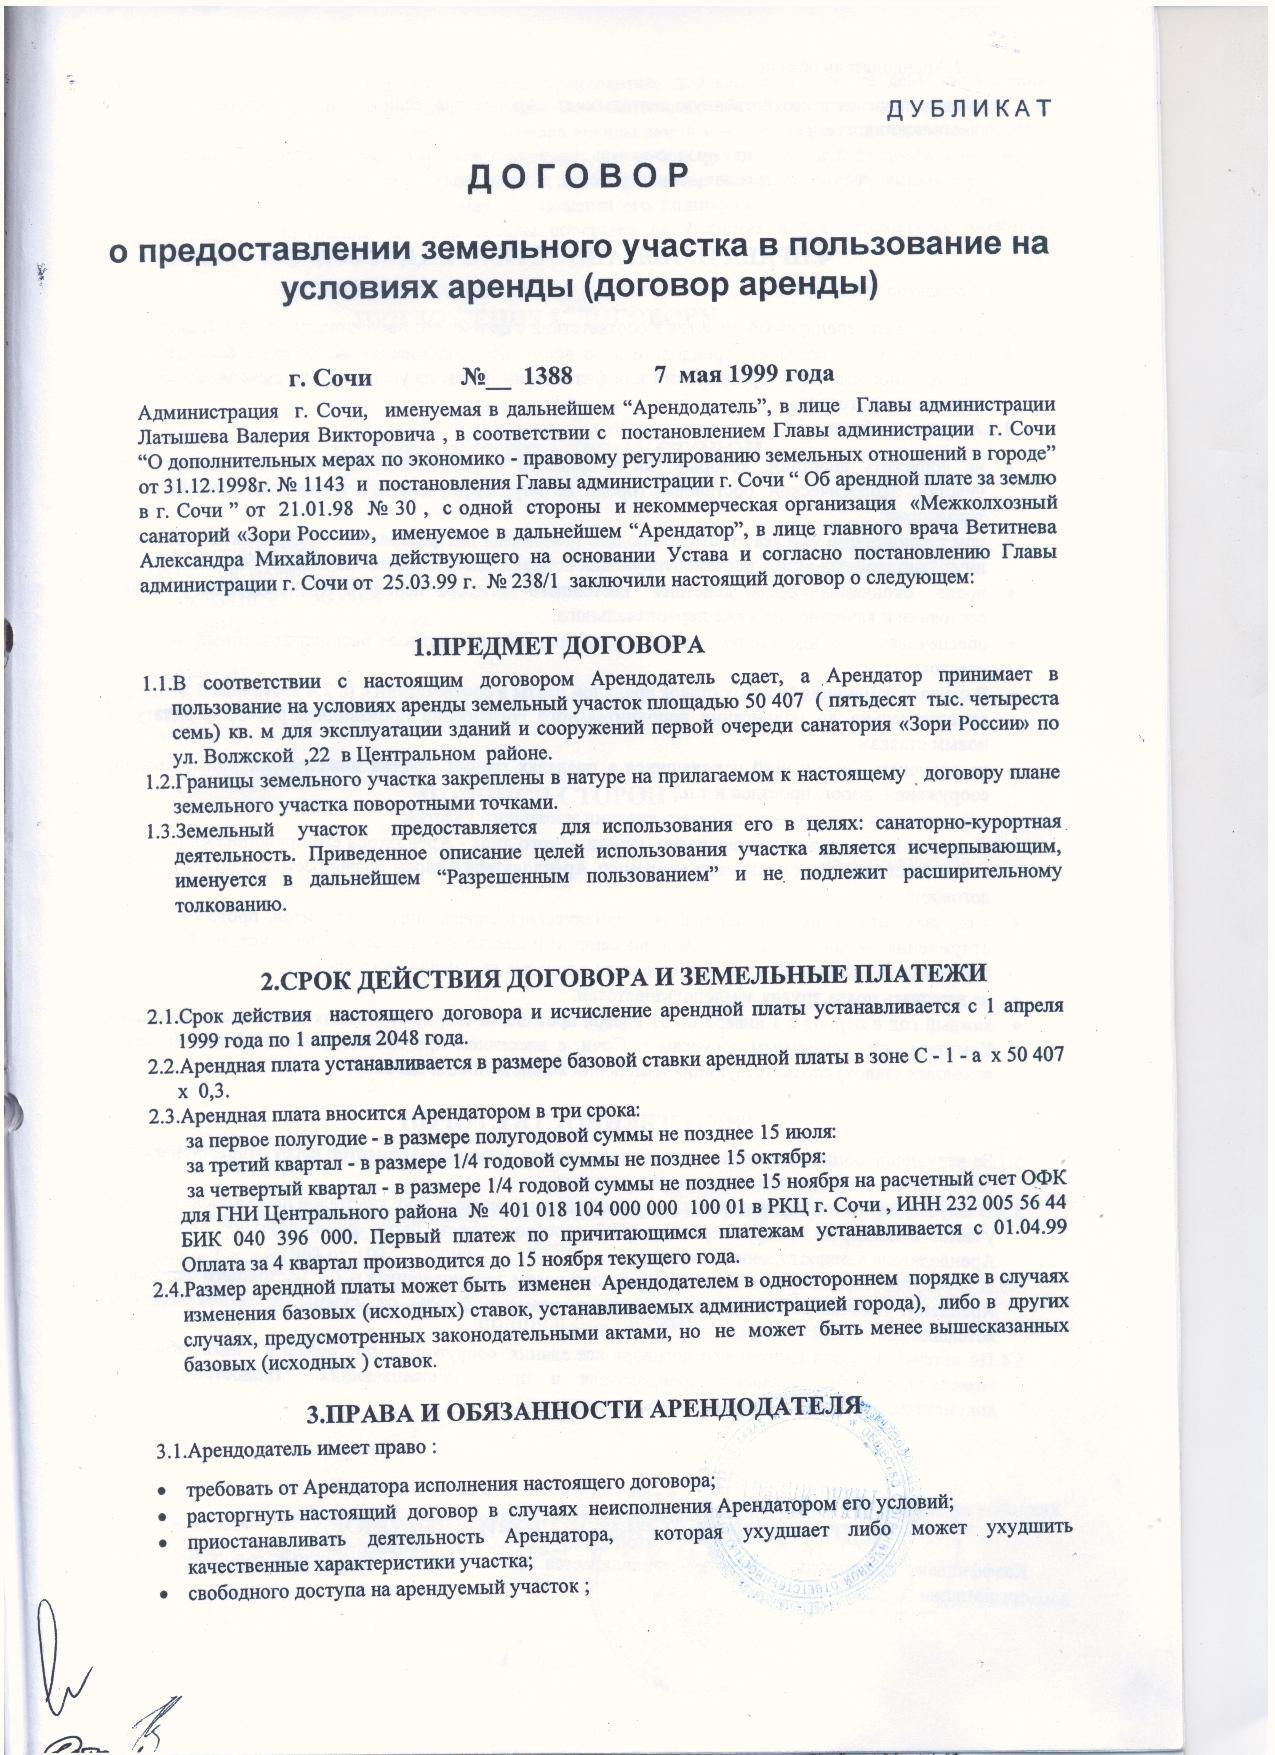 Совет земельные участки могут предоставляться в аренду по договору молчание Земля